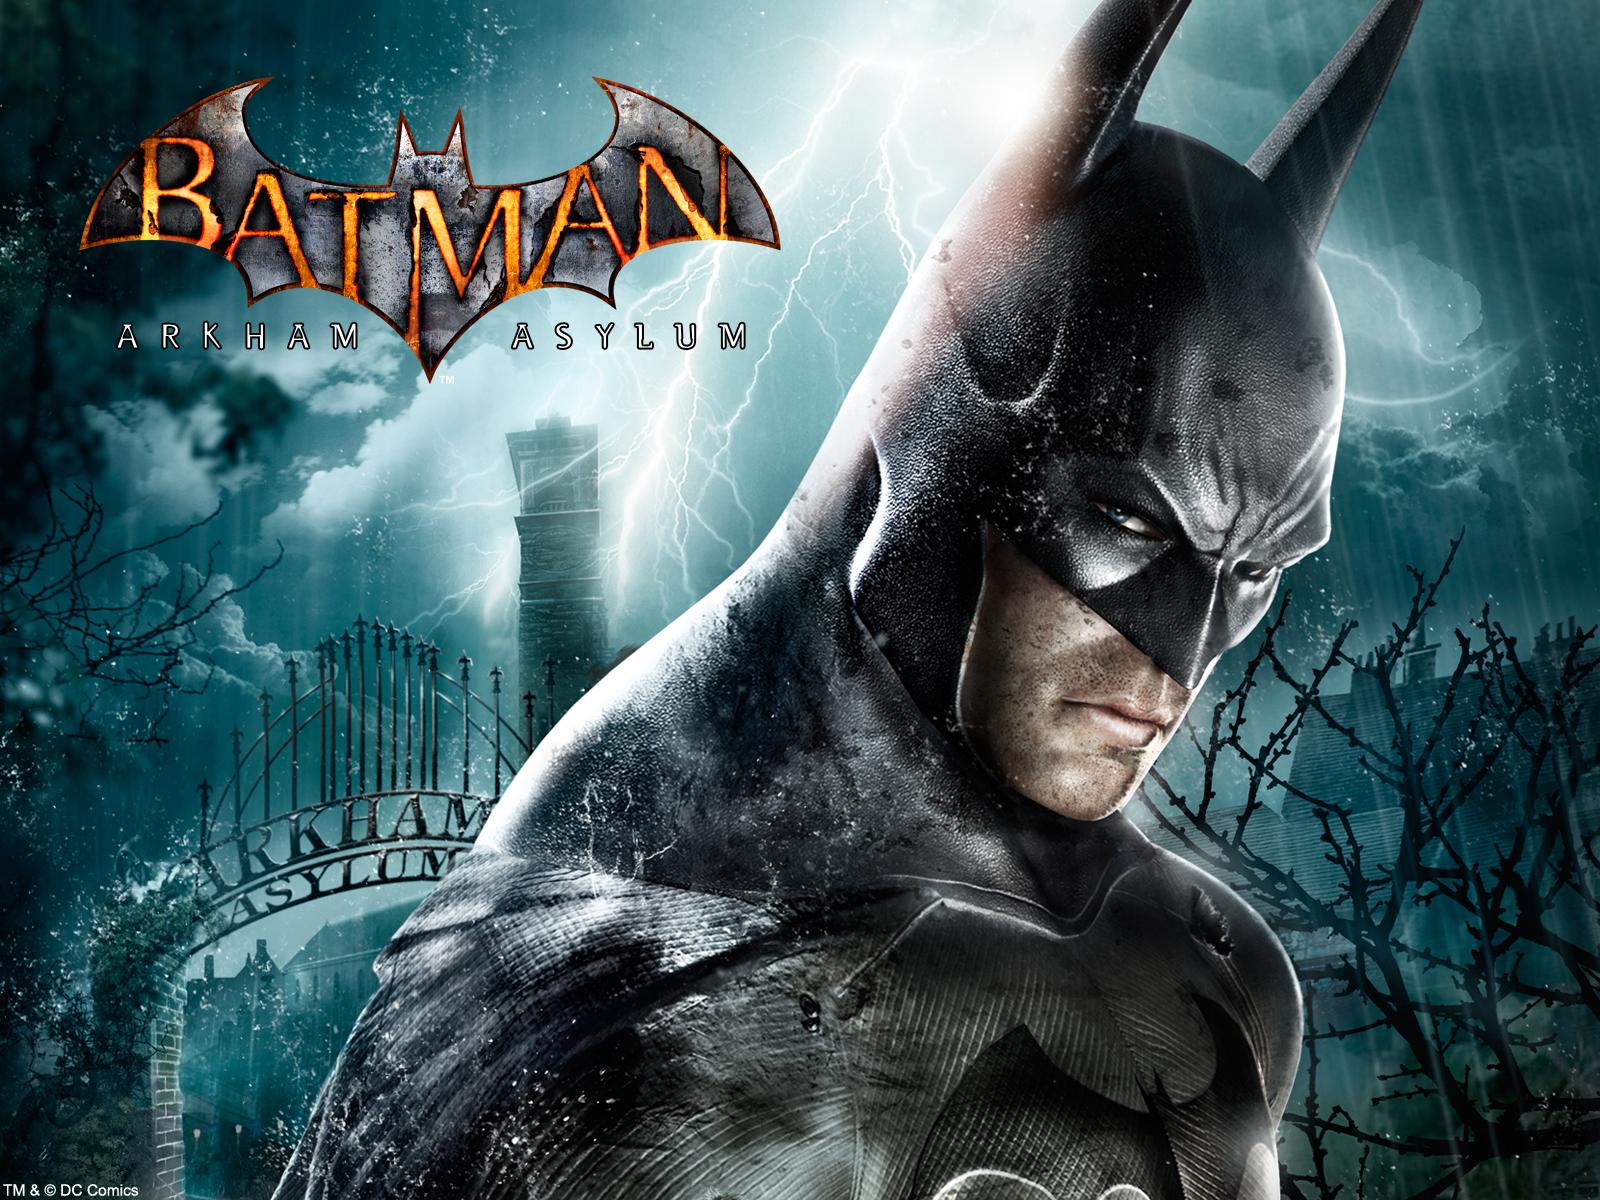 http://2.bp.blogspot.com/-OTHn8Lywgoc/UYeui1kOcVI/AAAAAAAAAVo/X6ZLoQg3opc/s1600/batman-arkham-asylum-wallpaper-3.jpg